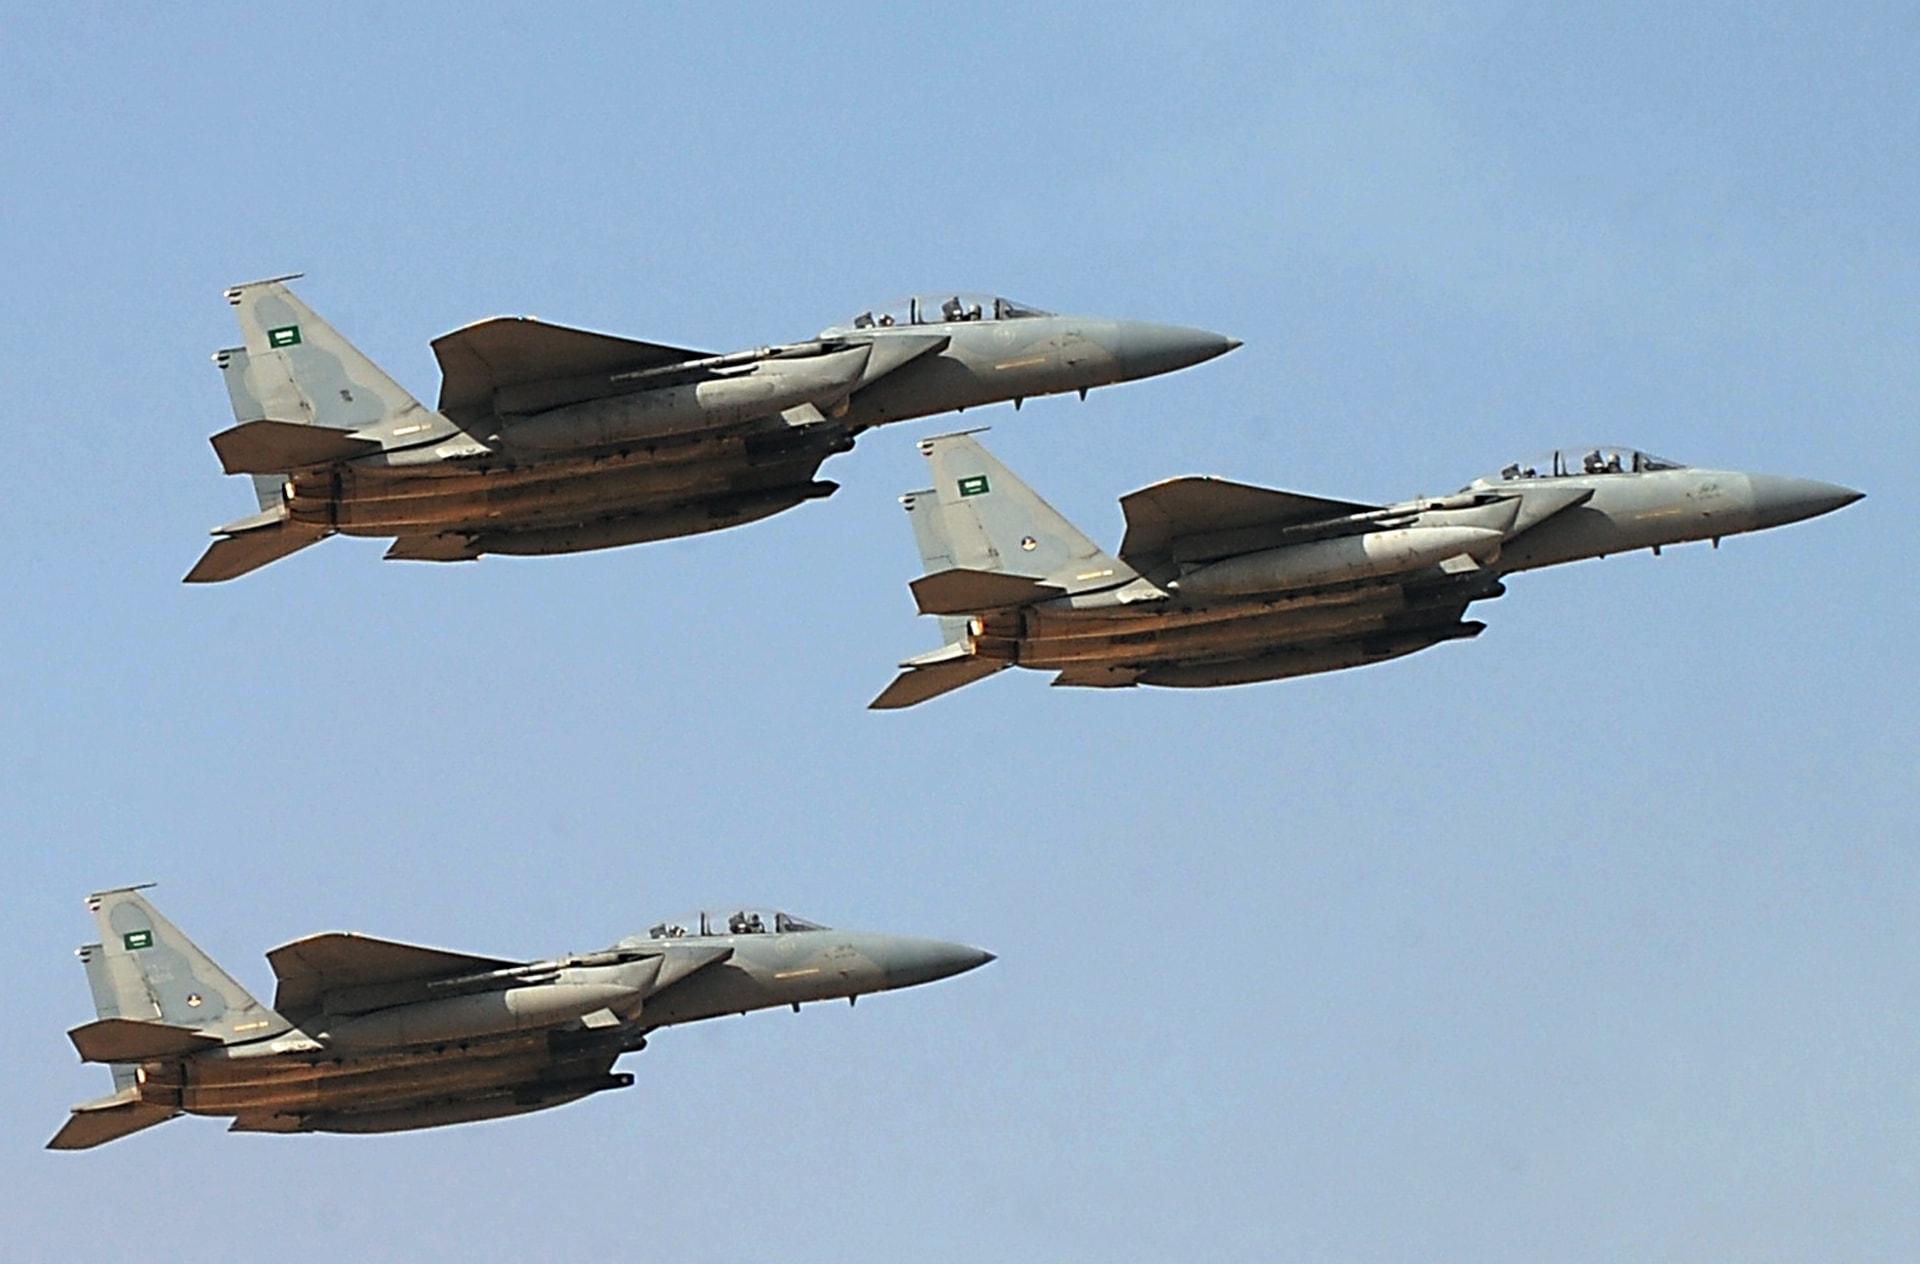 فيديو أظهر مُصورًا يوجه مقاتلات سعودية في الجو يحصد 3 ملايين مشاهدة